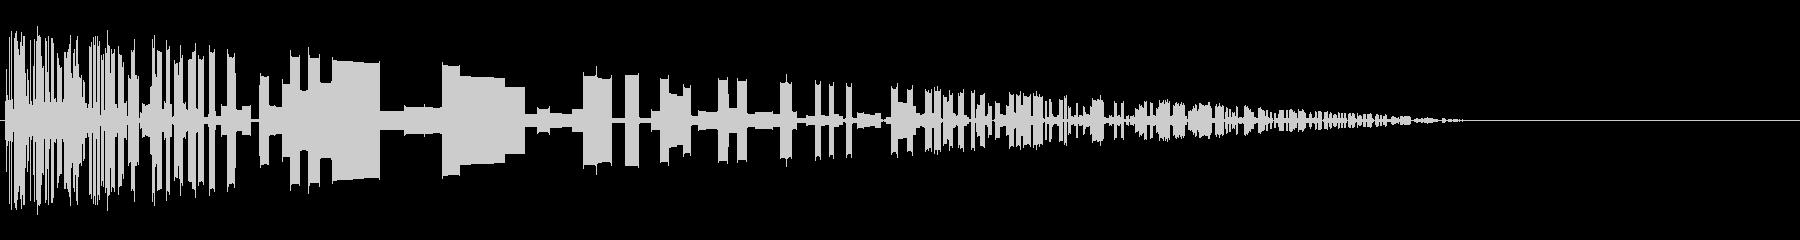 レトロゲーム風爆発音8の未再生の波形